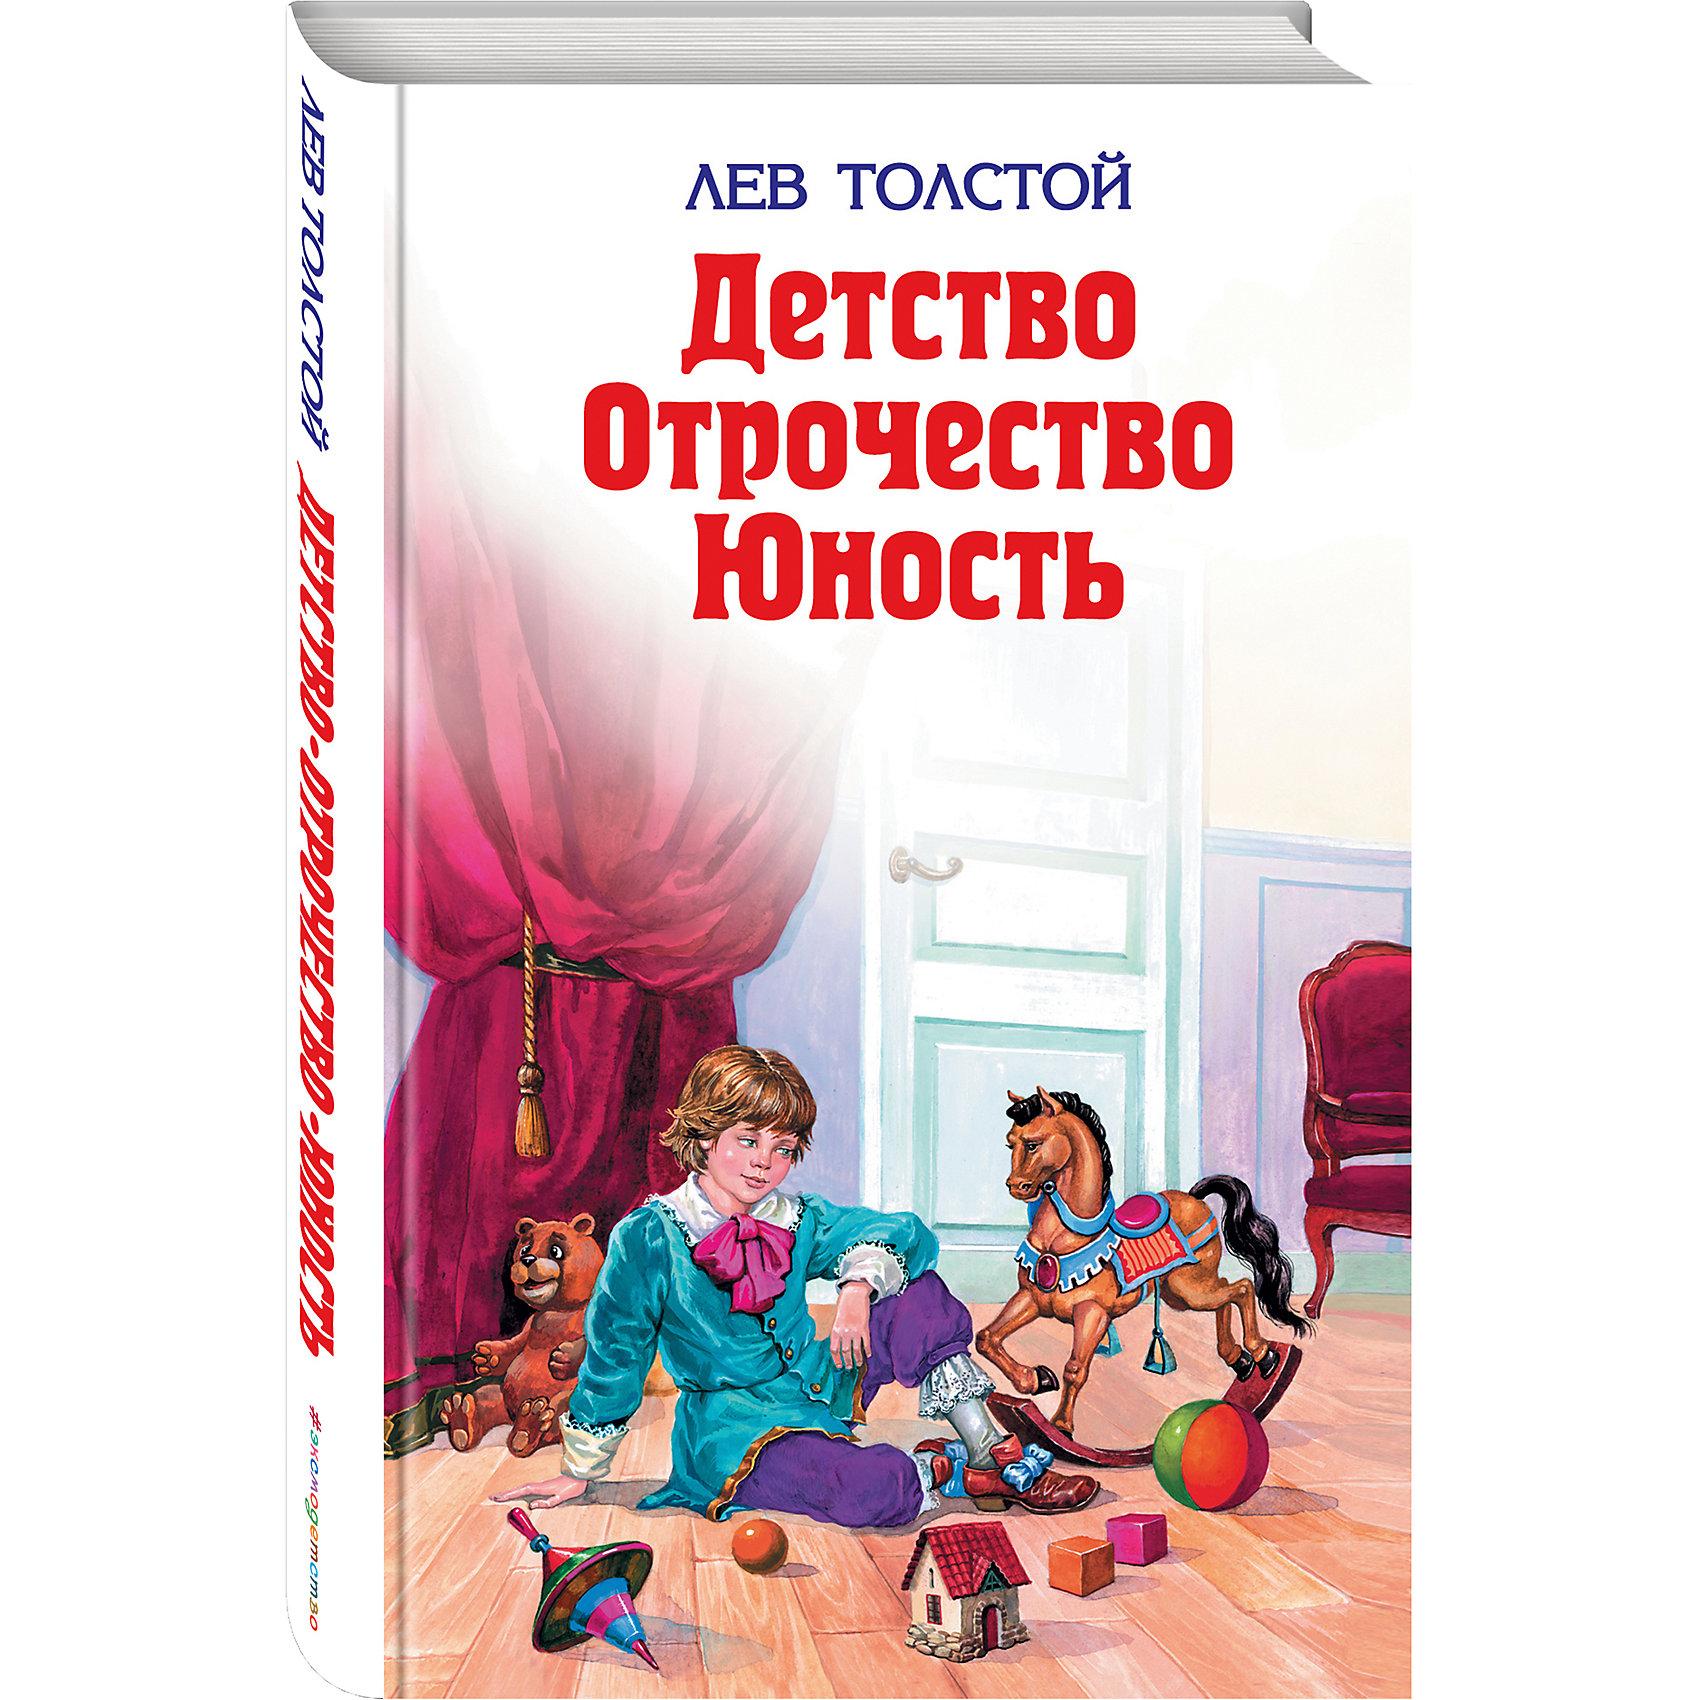 Детство, отрочество, юность, Л. ТолстойРассказы и повести<br>Одна из самых популярных российских книжных серий для детей и подростков. Белый фон, красные буквы, яркая иллюстрация как магнитом притягивает мальчишек и девчонок, а также их родителей - и не случайно. В серии собраны лучшие произведения отечественных и зарубежных авторов, когда-либо писавших для 6-13-летних граждан. Наряду с известными произведениями, давно ставшими классикой, в серии представлены новинки детской зарубежной литературы. Покупатели доверяют выбору наших редакторов - едва появившись на прилавке, эти книги становятся бестселлерами.<br><br>Ширина мм: 210<br>Глубина мм: 140<br>Высота мм: 30<br>Вес г: 432<br>Возраст от месяцев: 72<br>Возраст до месяцев: 144<br>Пол: Унисекс<br>Возраст: Детский<br>SKU: 6878045